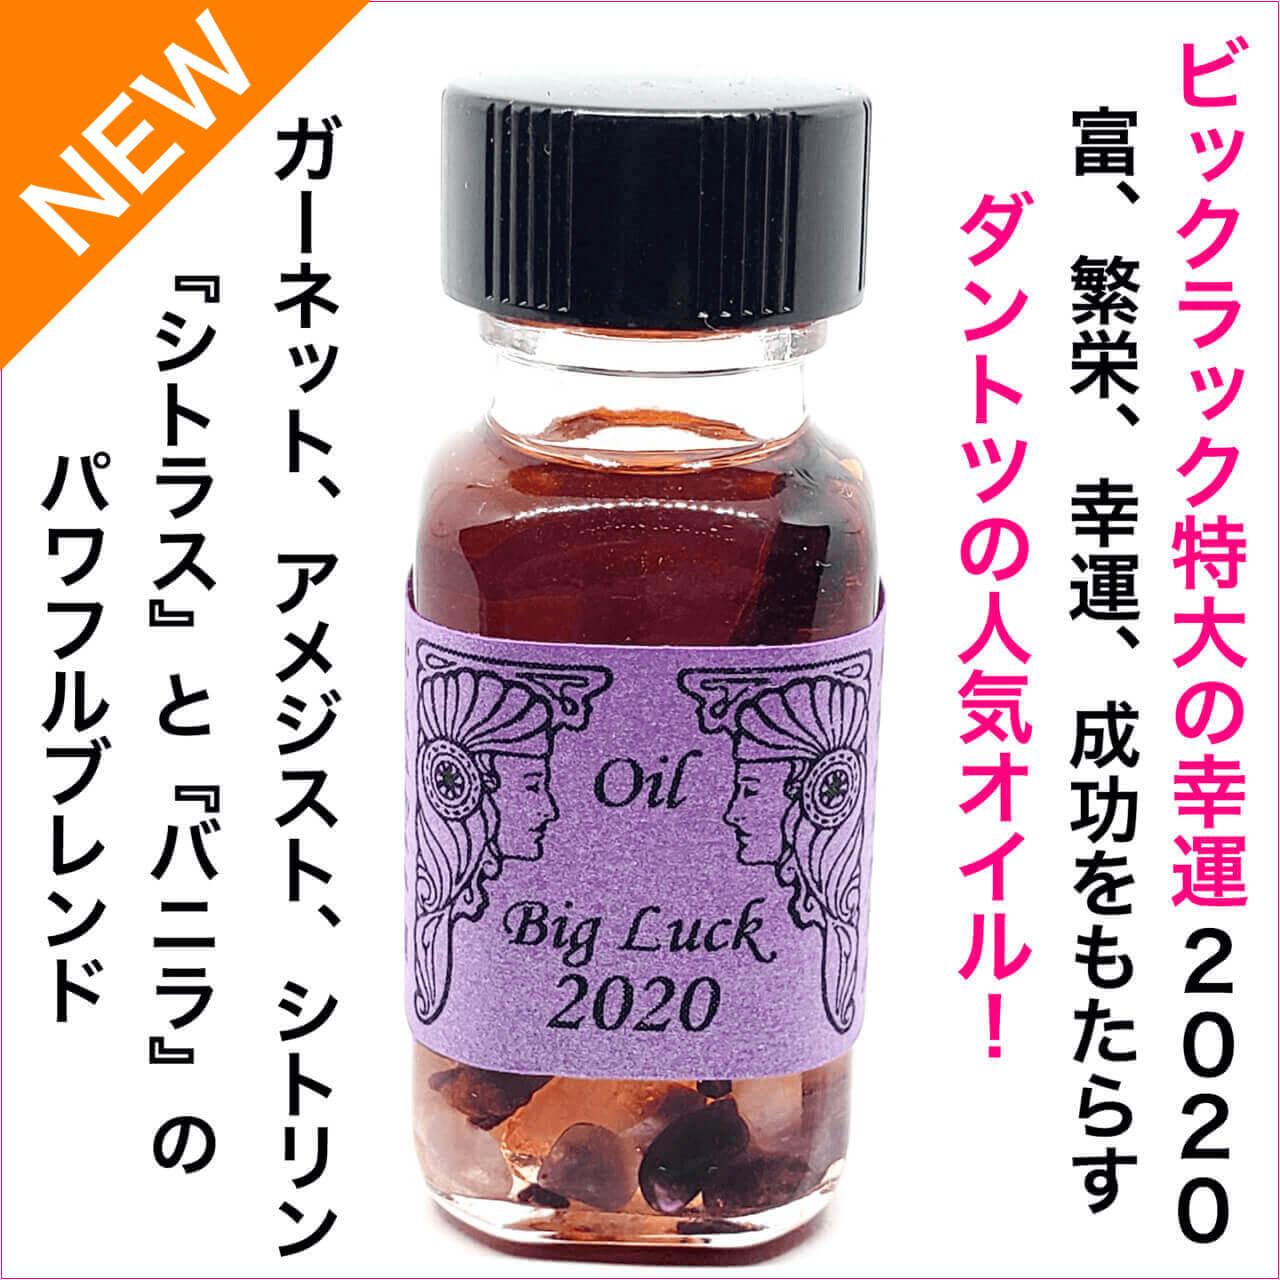 【入荷 NEW】Big Luck2020−特大の幸運2020年 (新春限定版) 大人気商品!